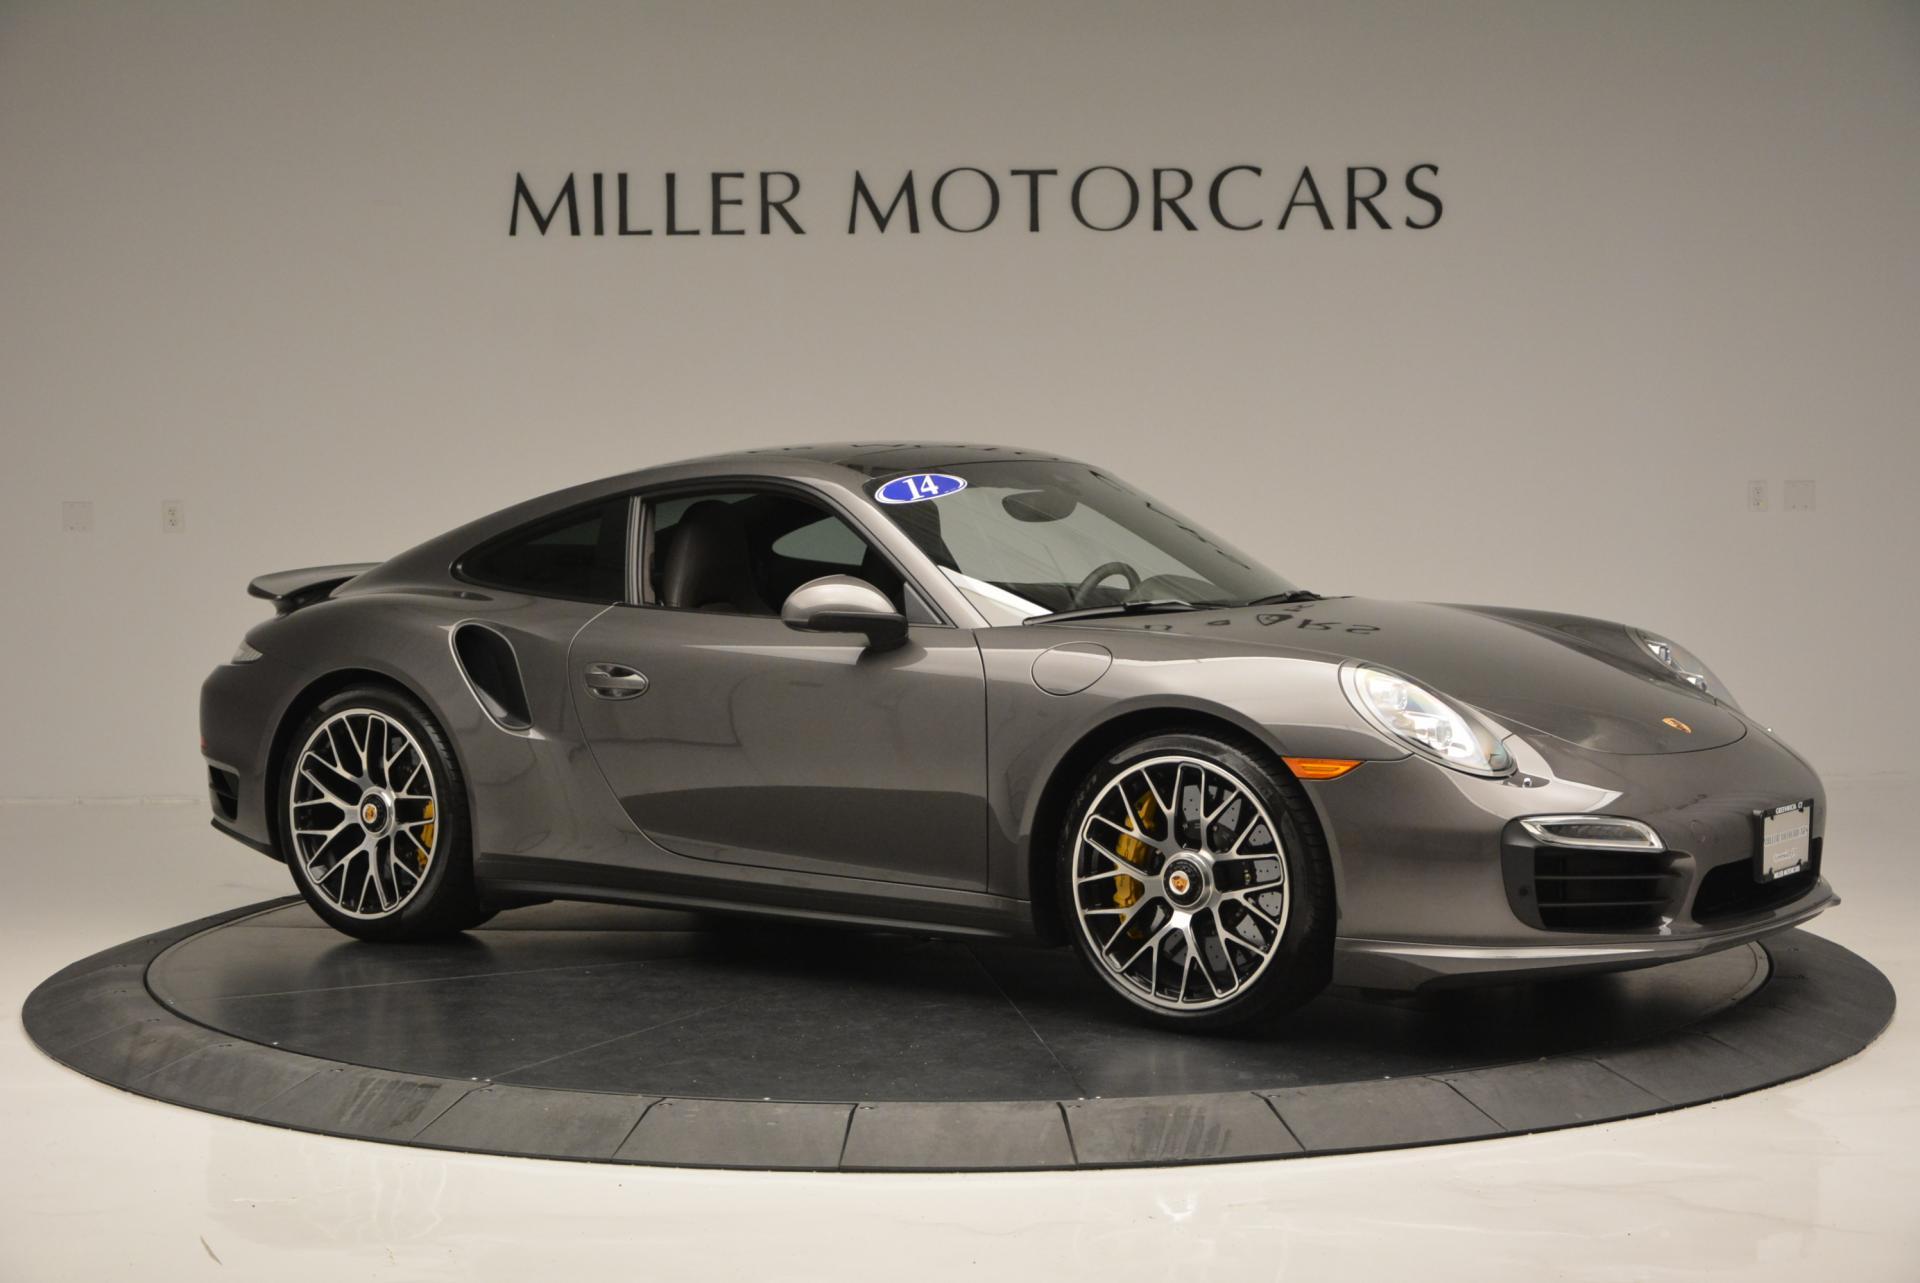 Used 2014 Porsche 911 Turbo S For Sale In Westport, CT 113_p9